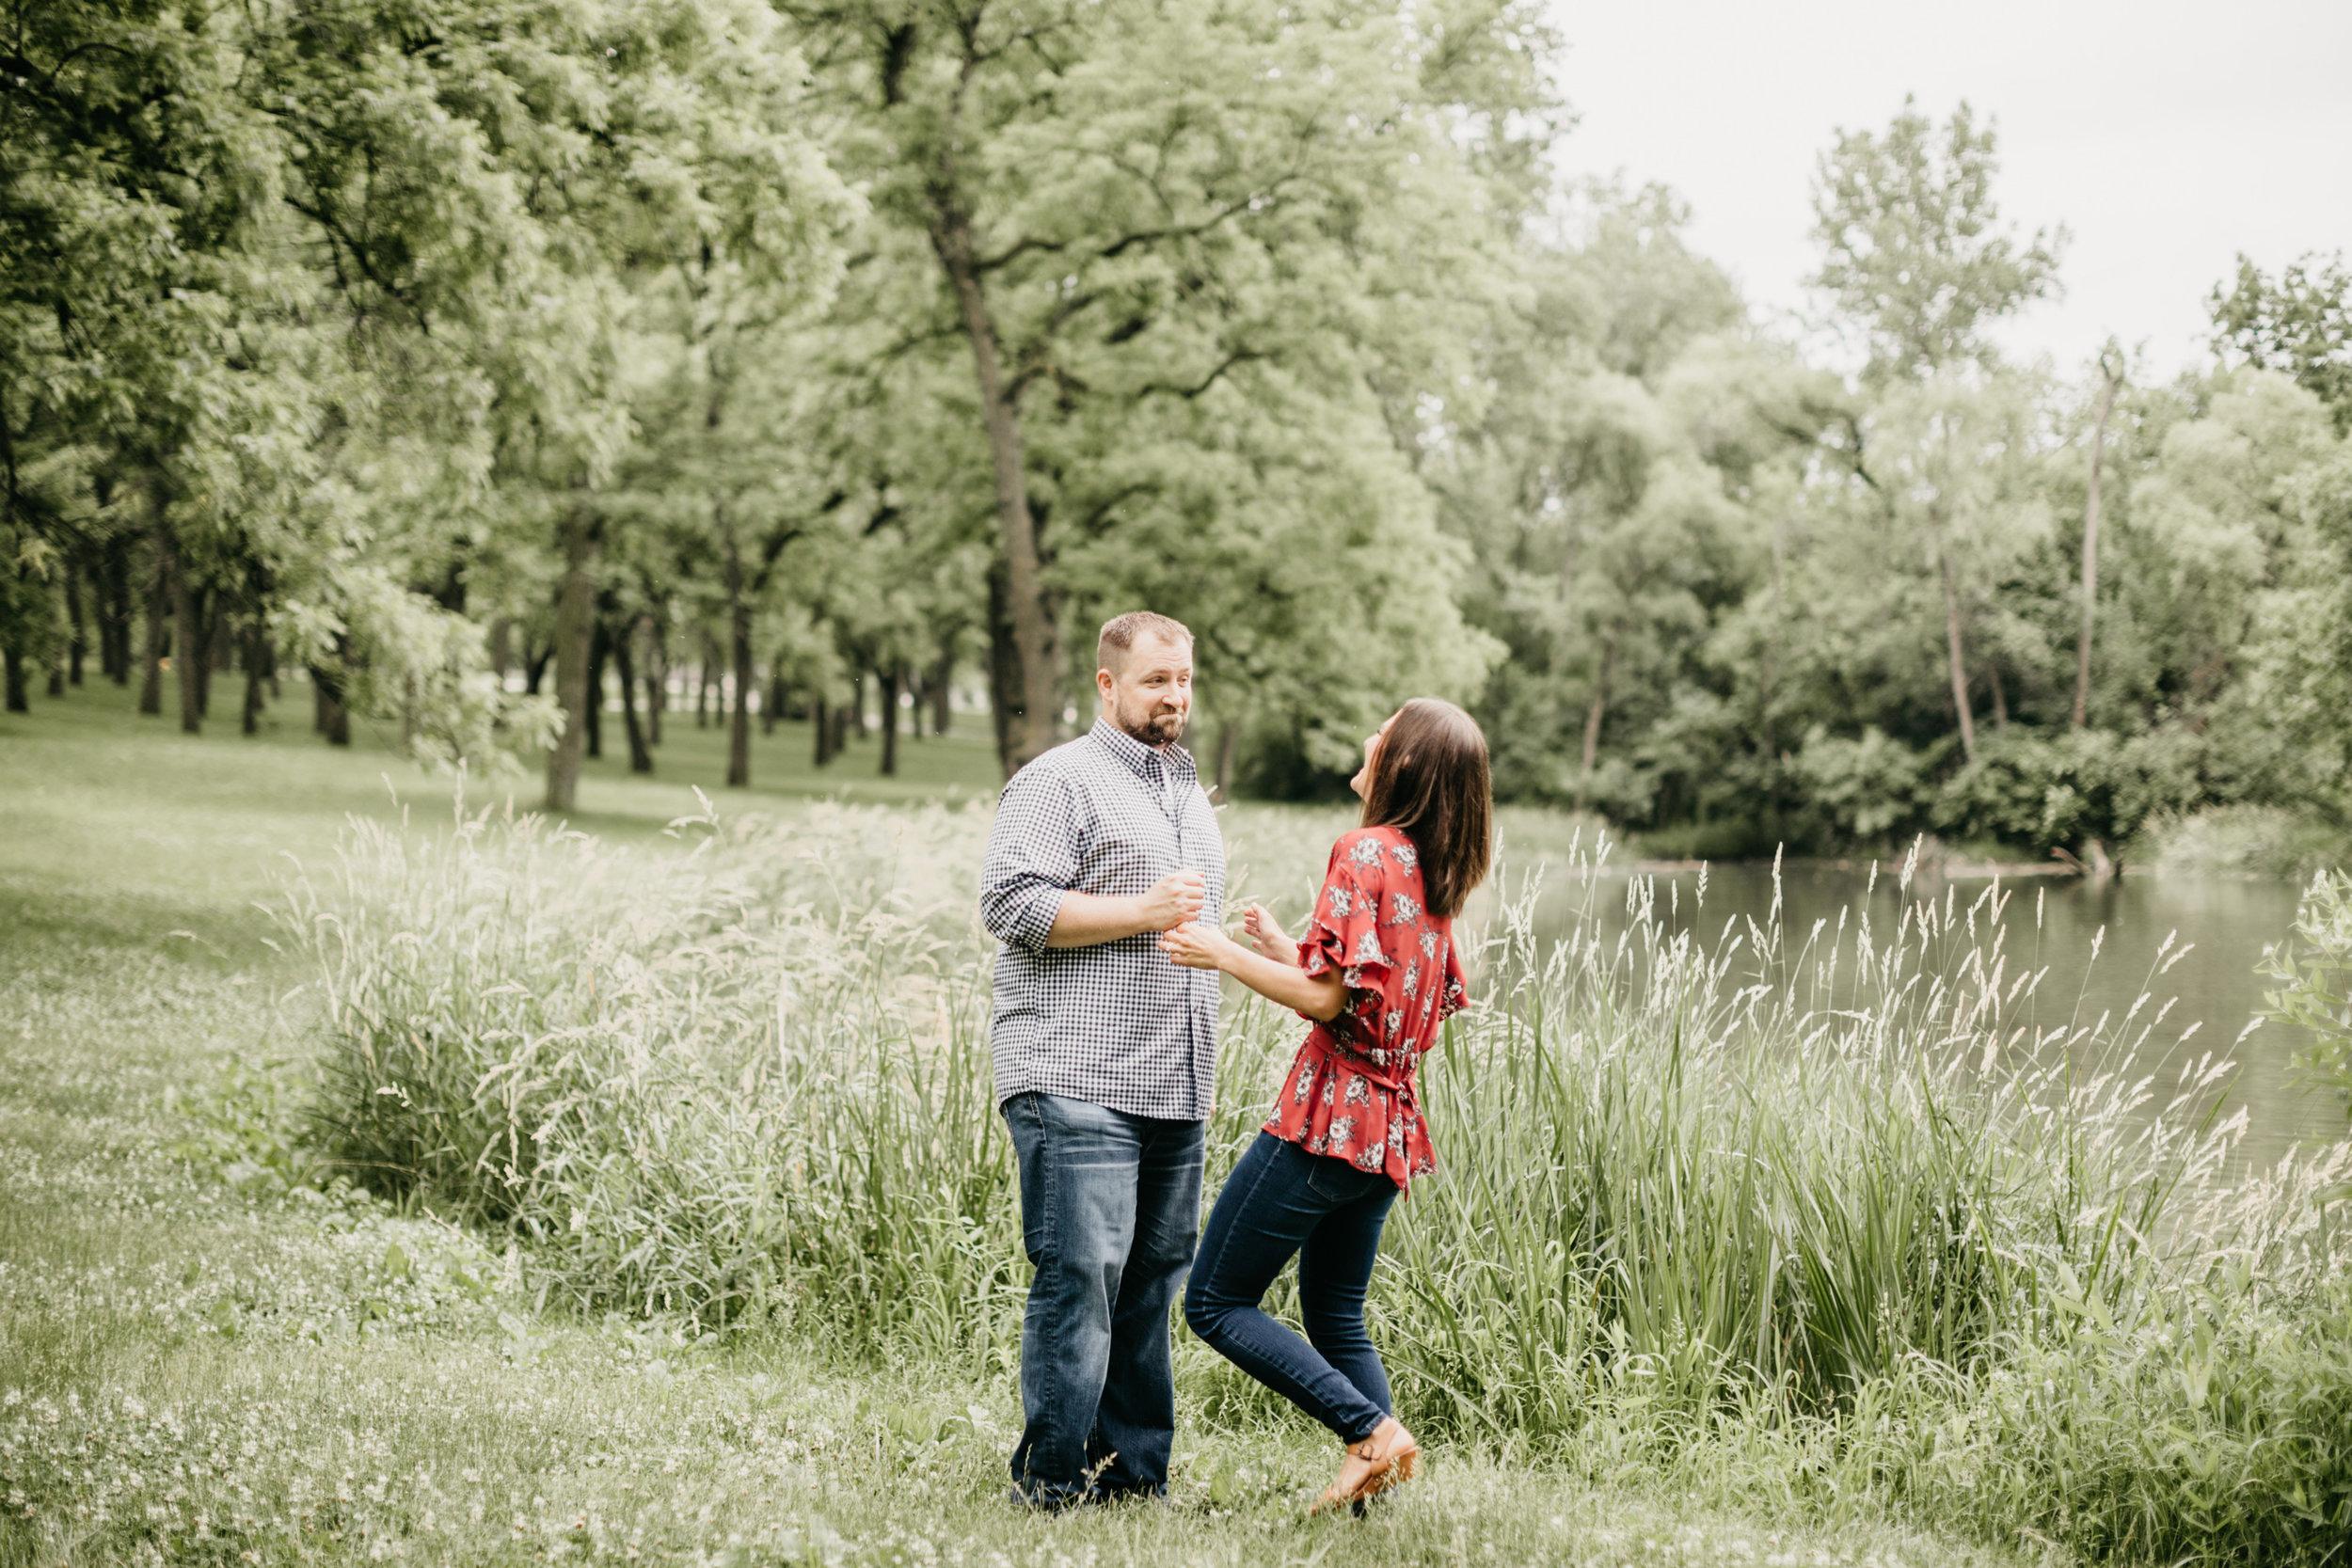 KaylaAndMichael-Engaged-44.jpg